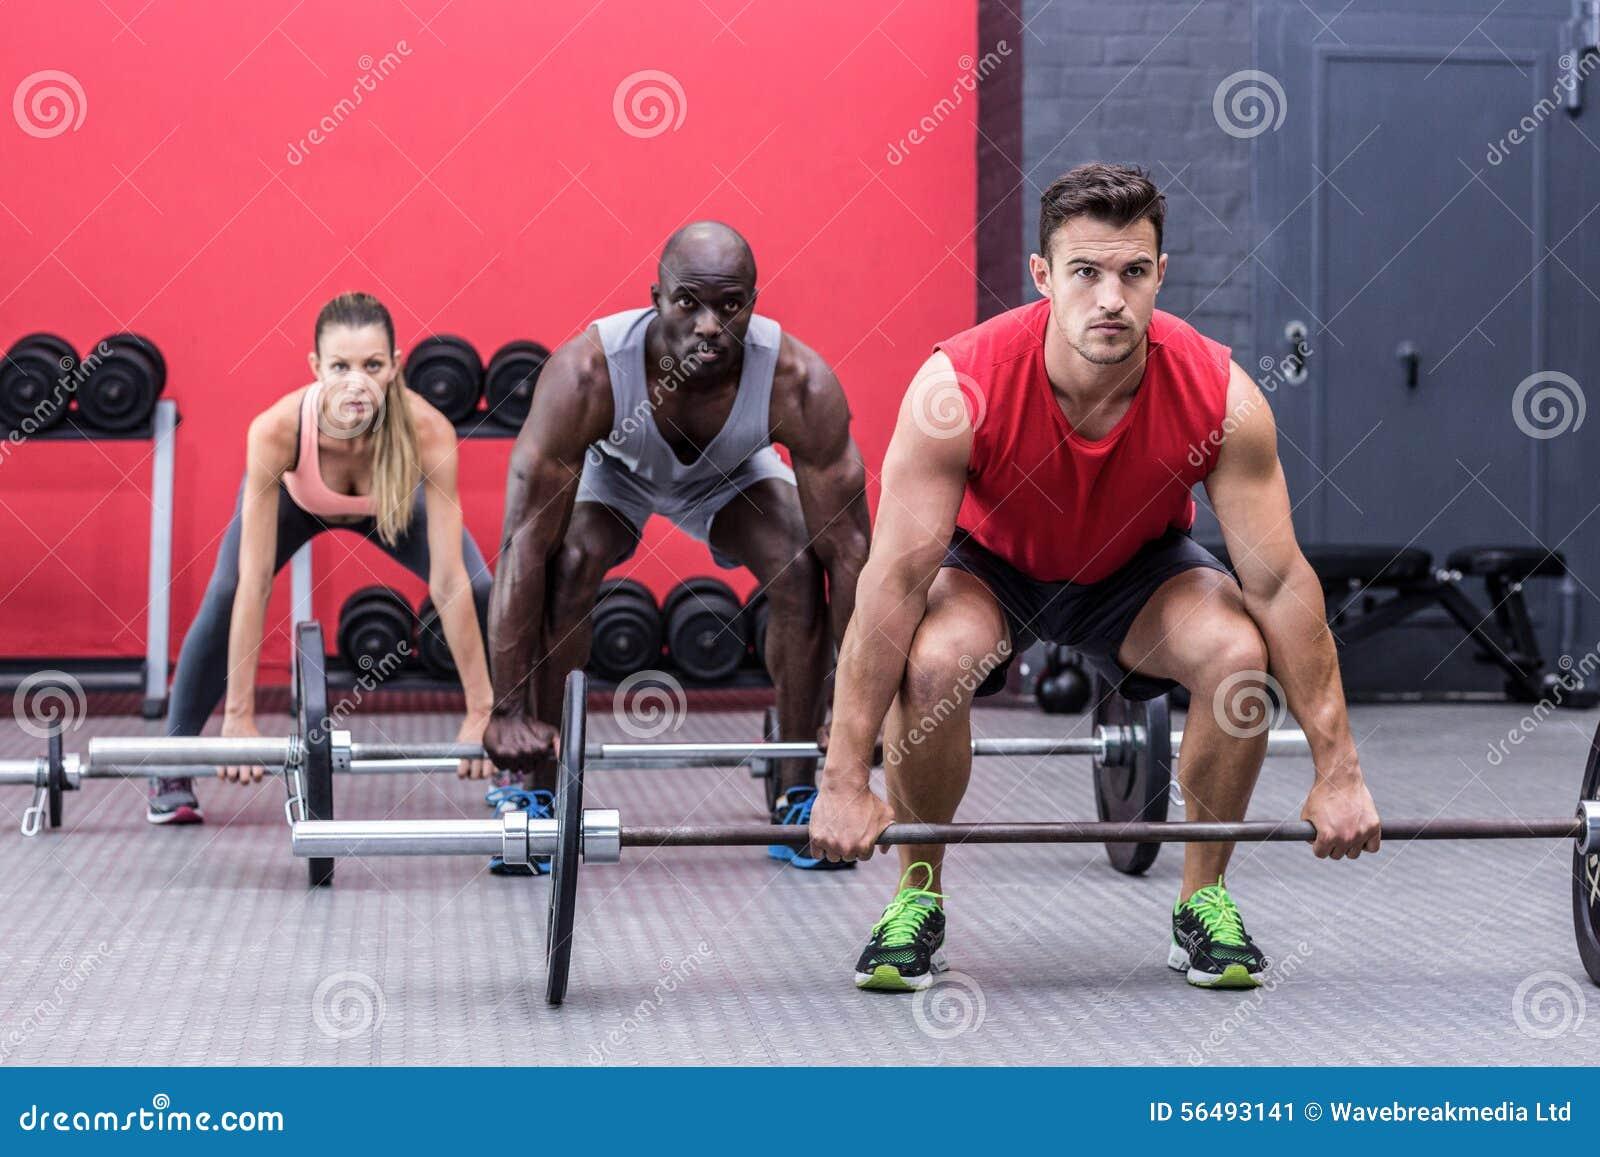 Three muscular athletes lifting barbells